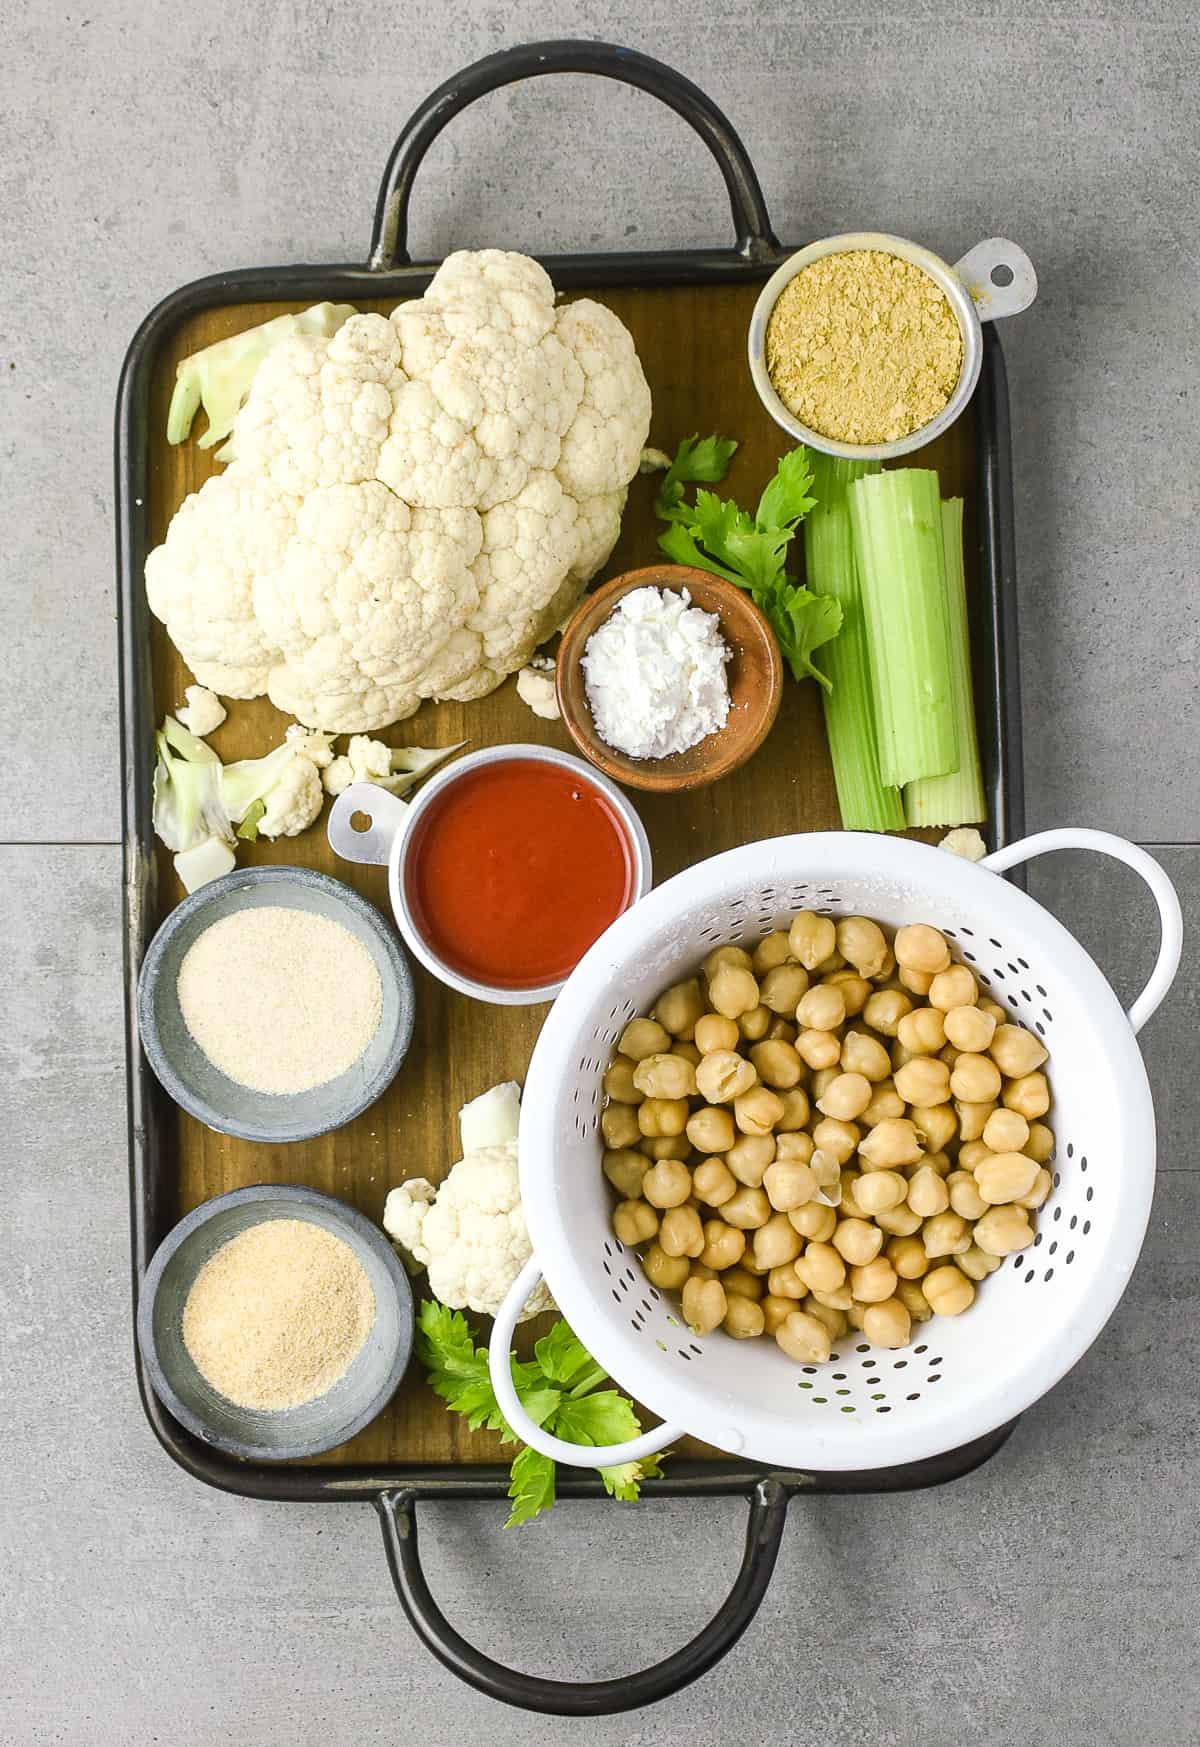 Casserole ingredients.